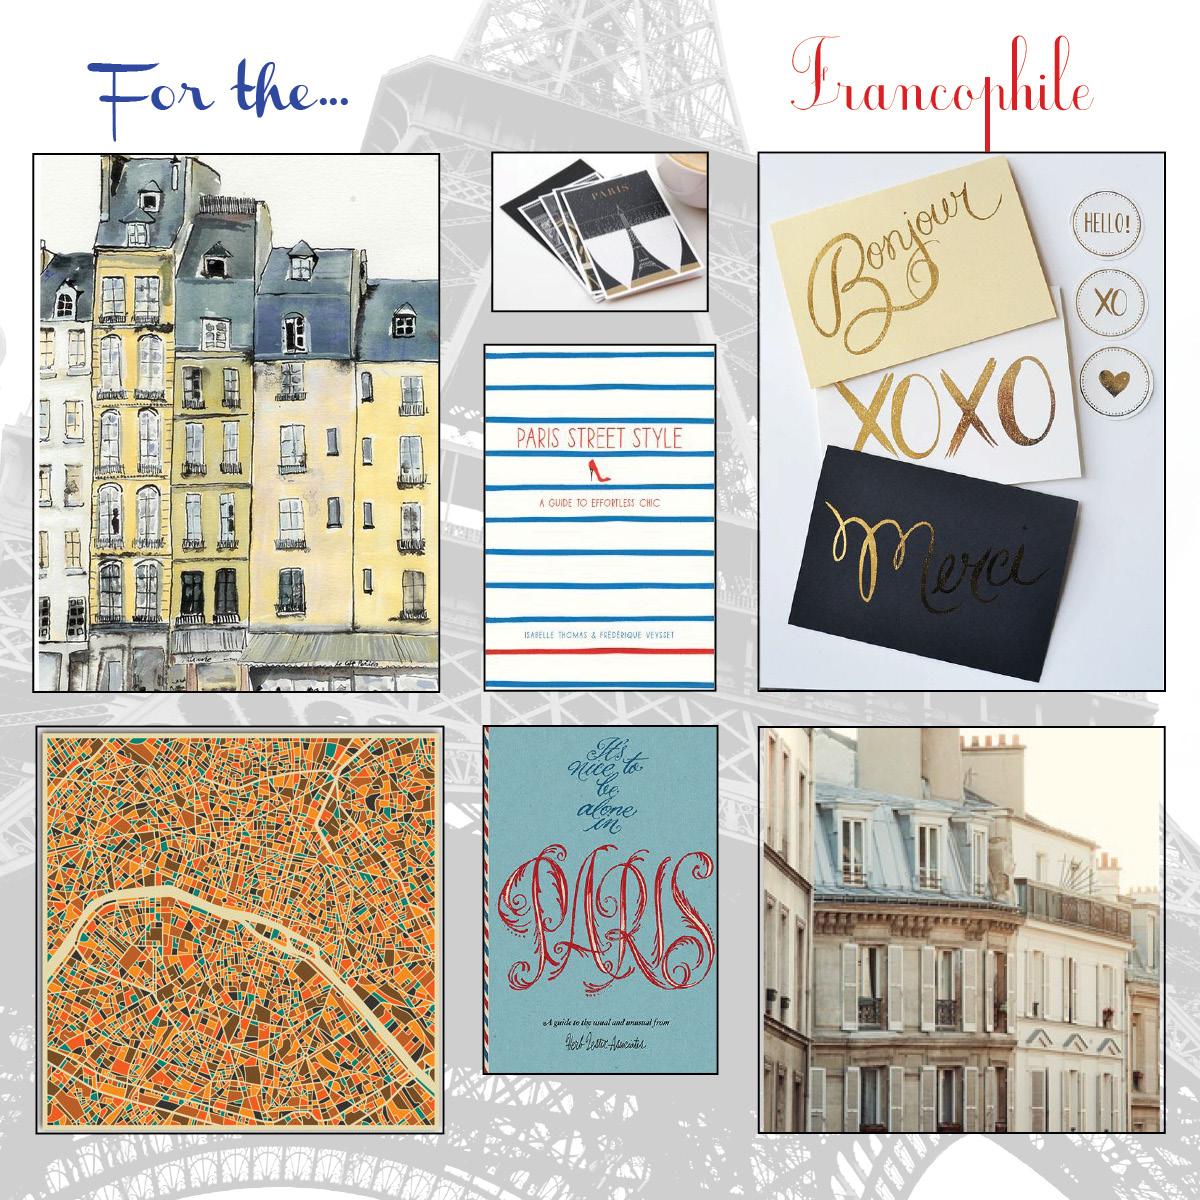 Francophile Gift Guide